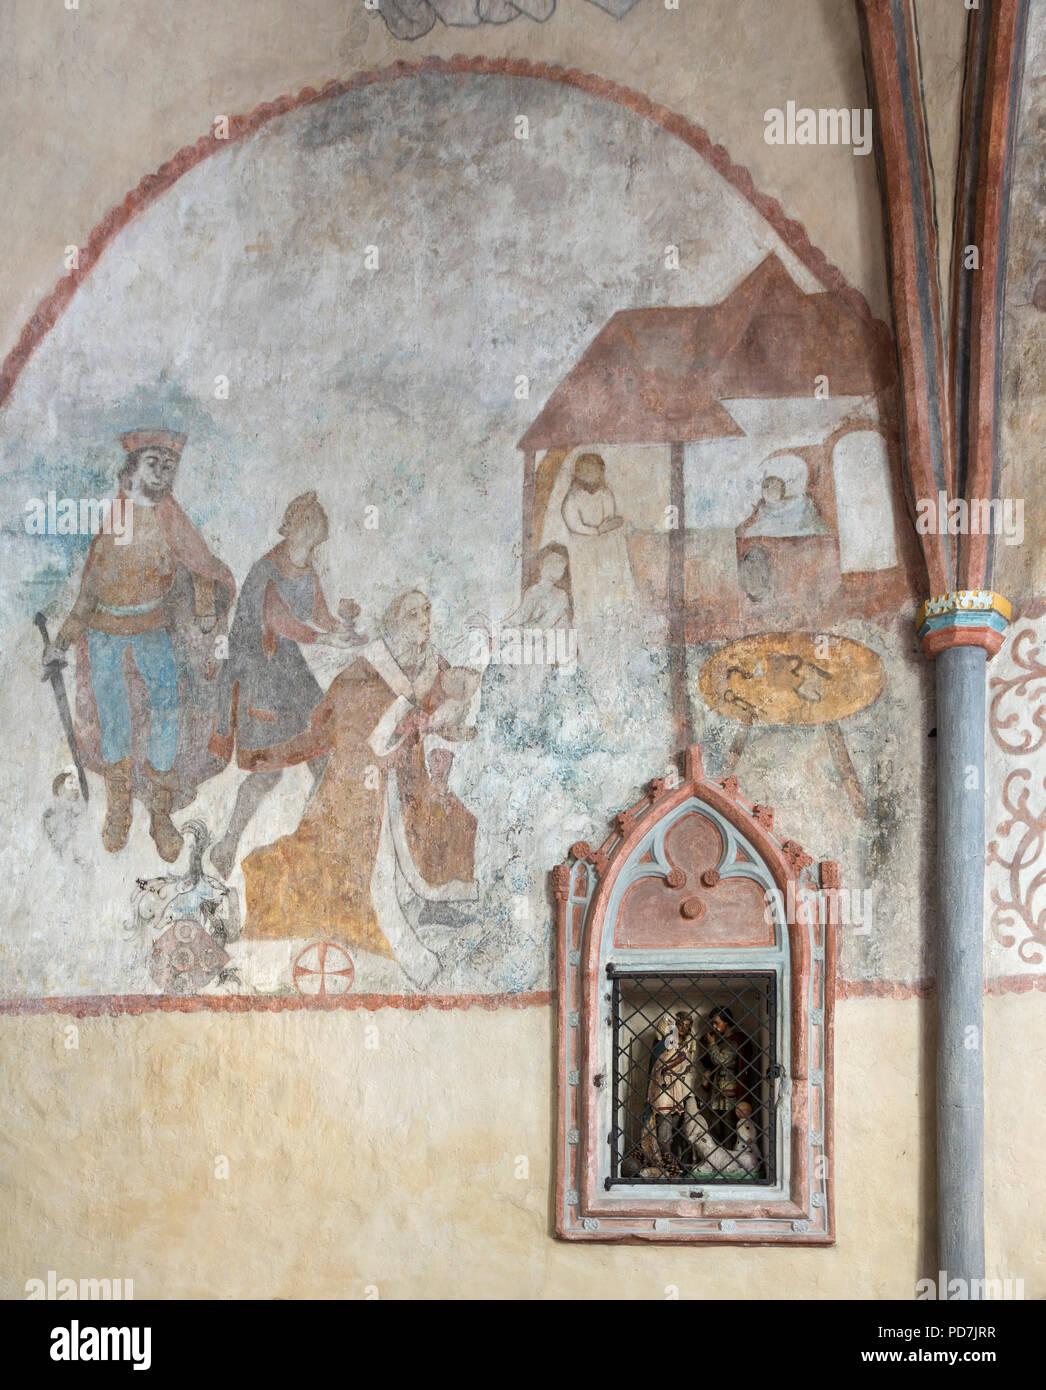 Mittelalterliche Malerei an der Chornordwand, Heilige drei Könige, Tabernakel - Stock Image